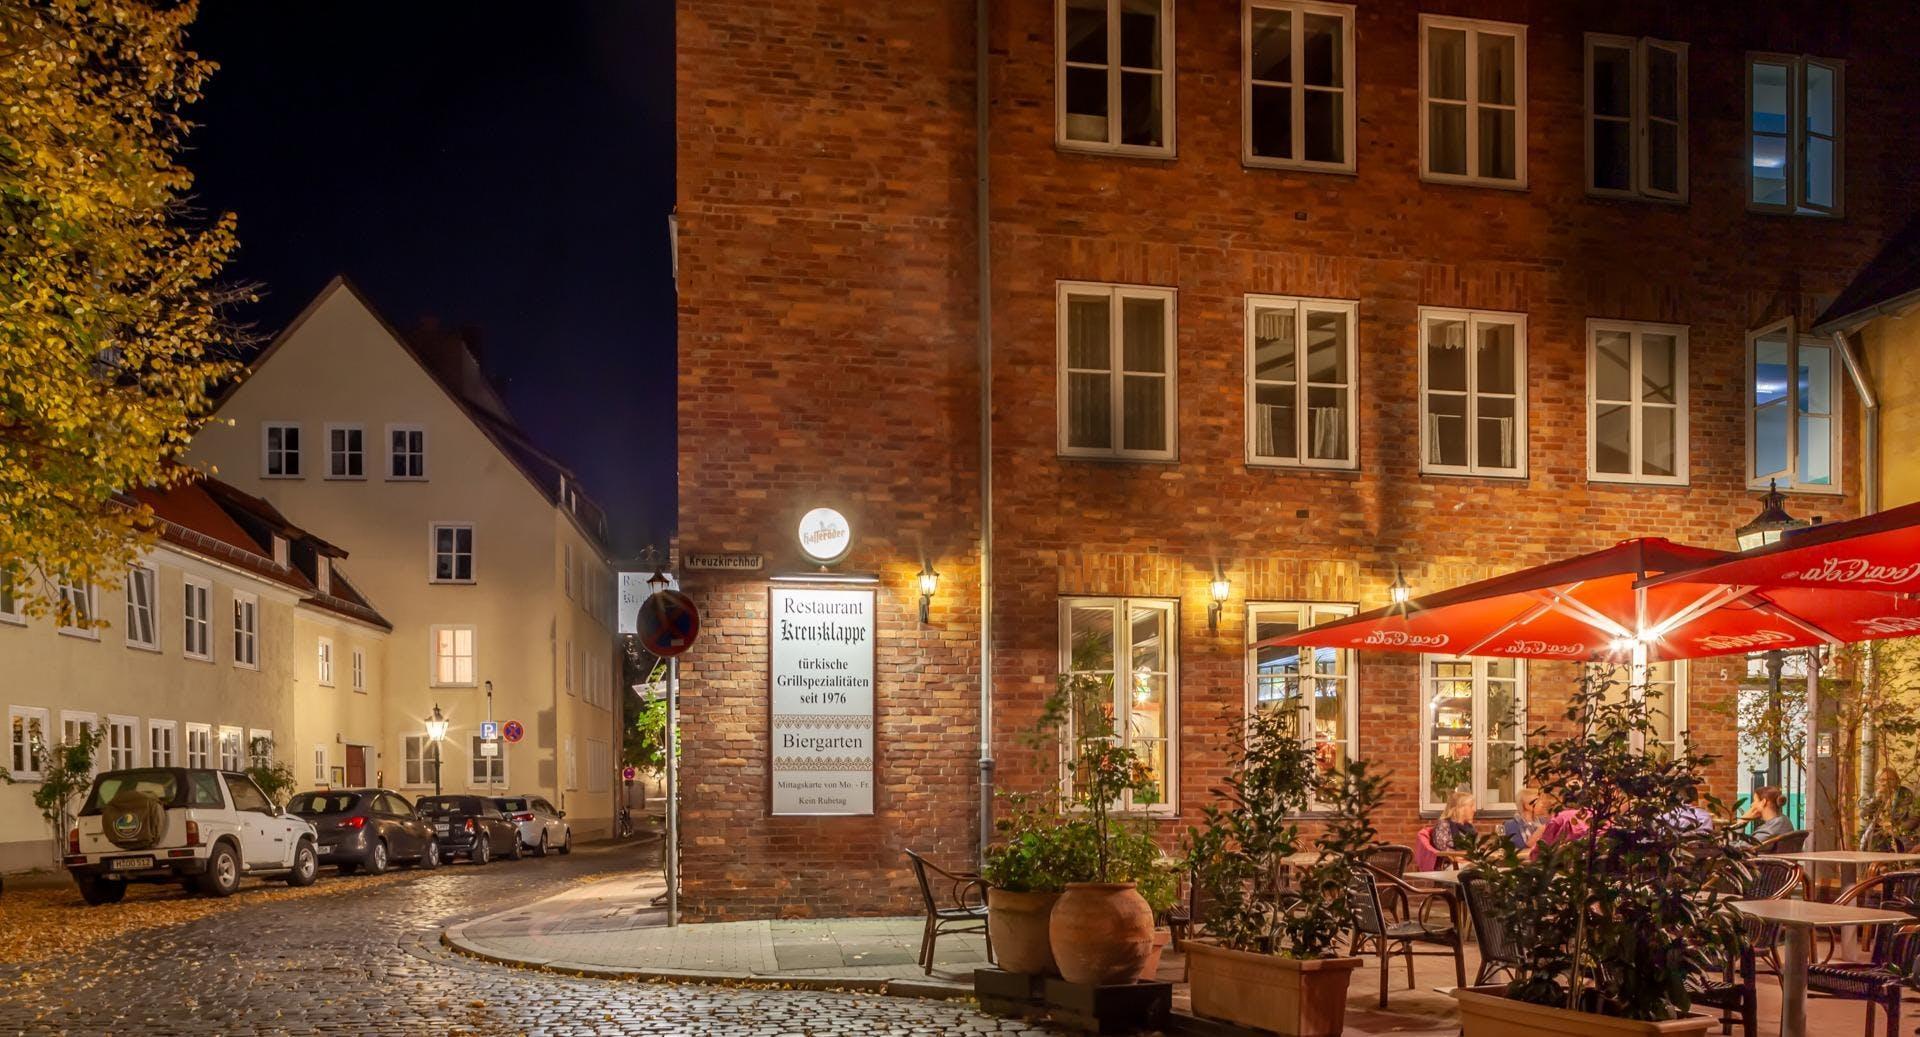 Kreuzklappe Hannover image 2